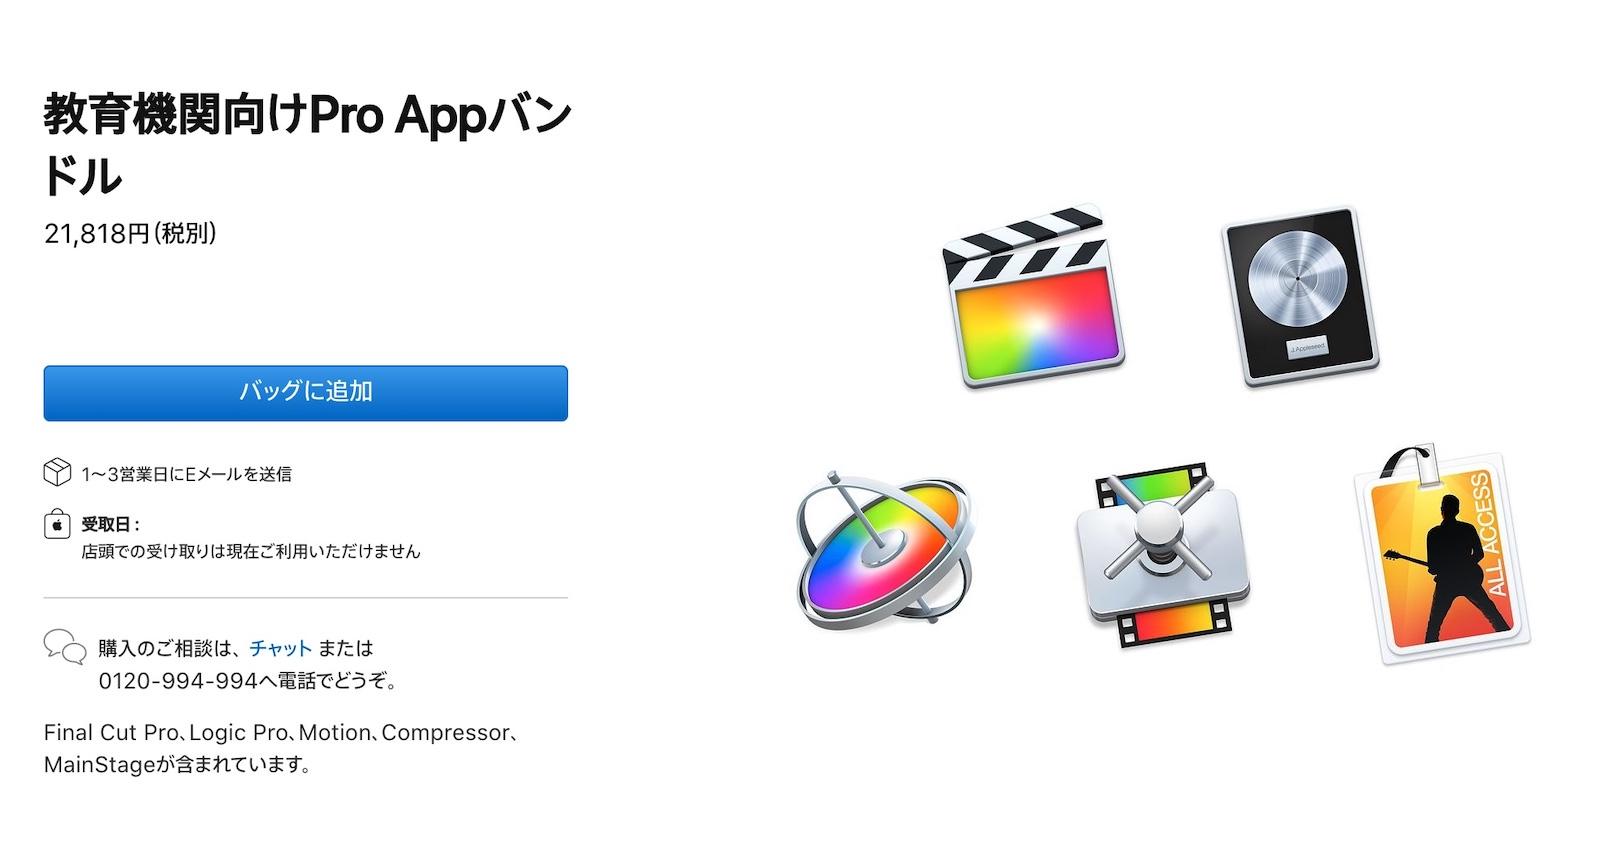 Pro app bundle for students